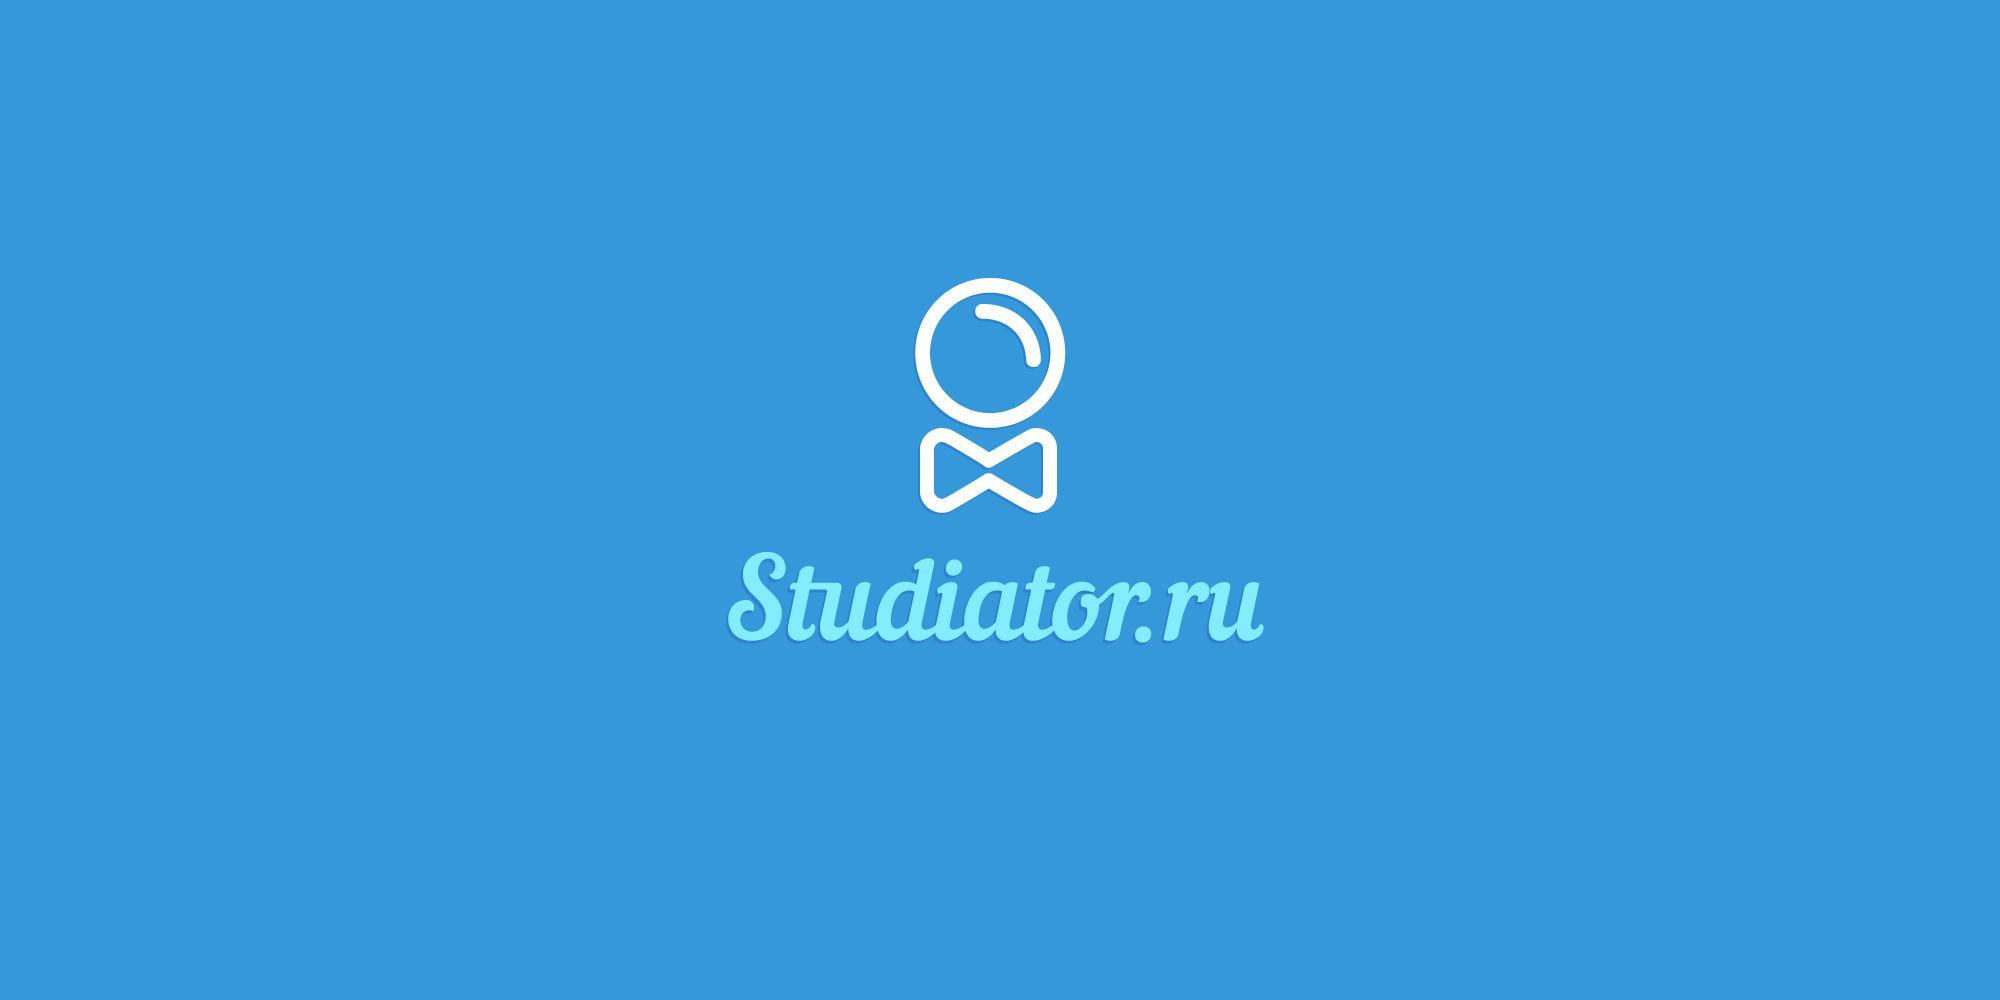 Логотип для каталога студий Веб-дизайна - дизайнер e5en